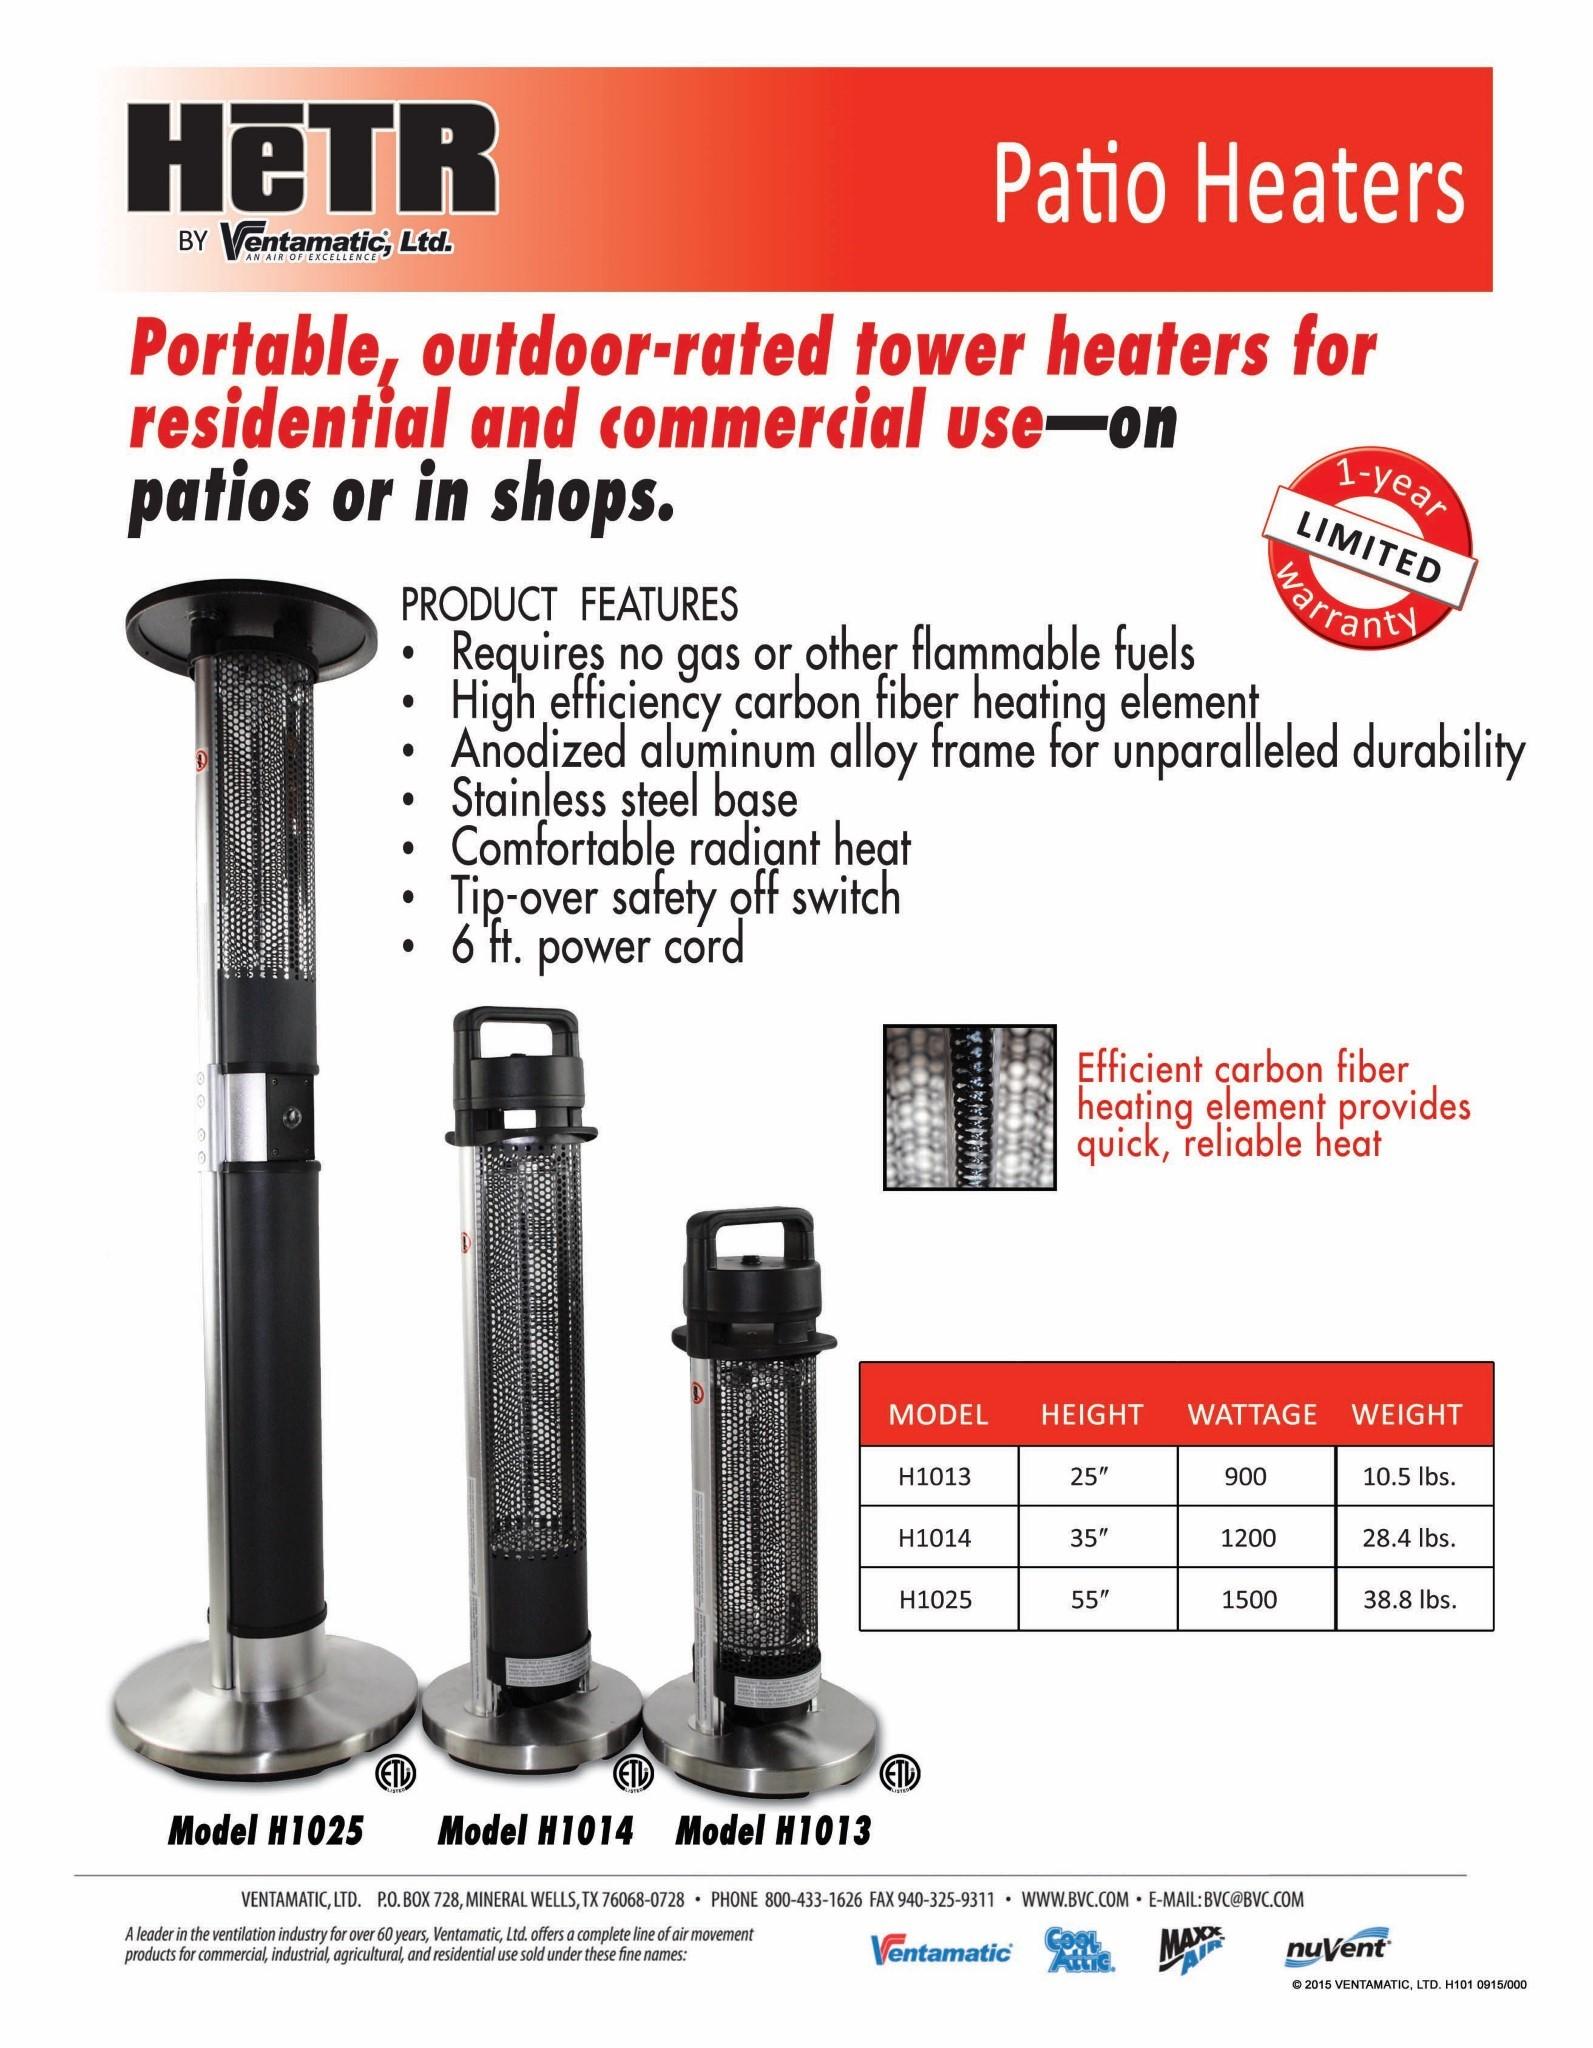 Ventamatic Hetr 1200 Watt Patio Tower Heater 36 Quot Outdoor